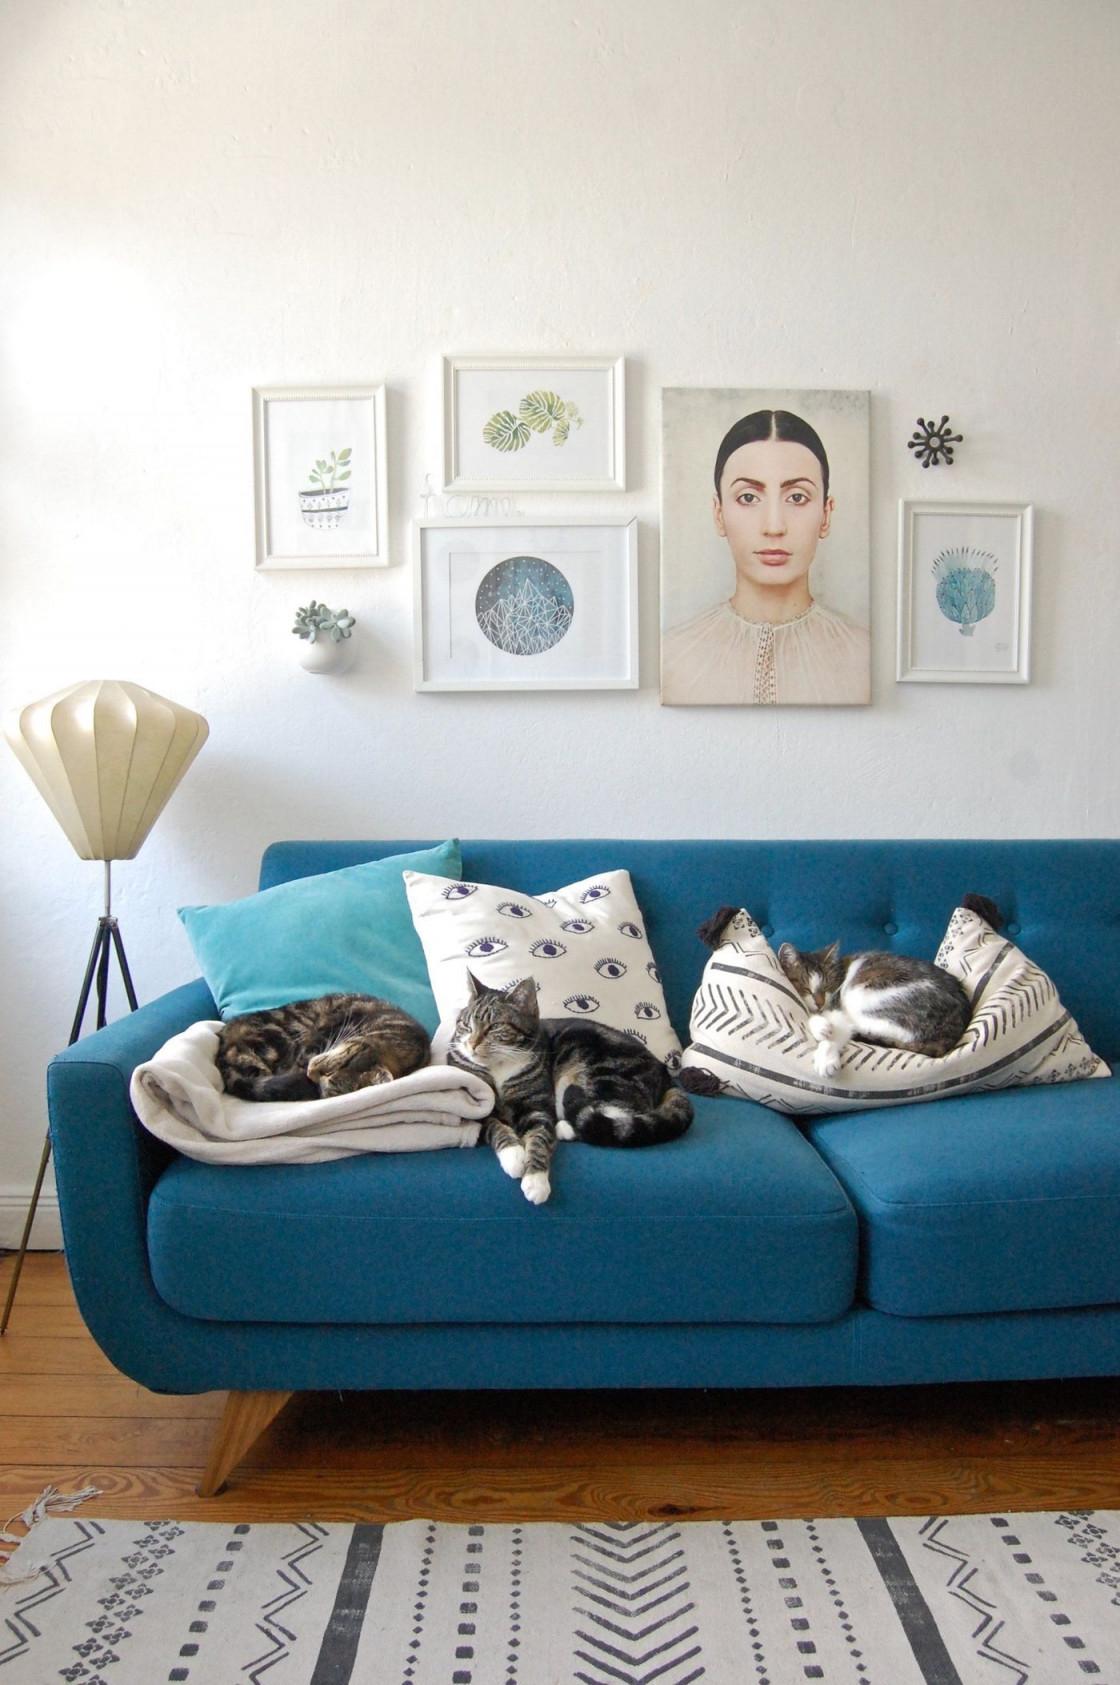 Bilderrahmen Anordnen 5 Einfache Aber Wirkungsvolle Ideen von Bilderrahmen Wohnzimmer Ideen Bild